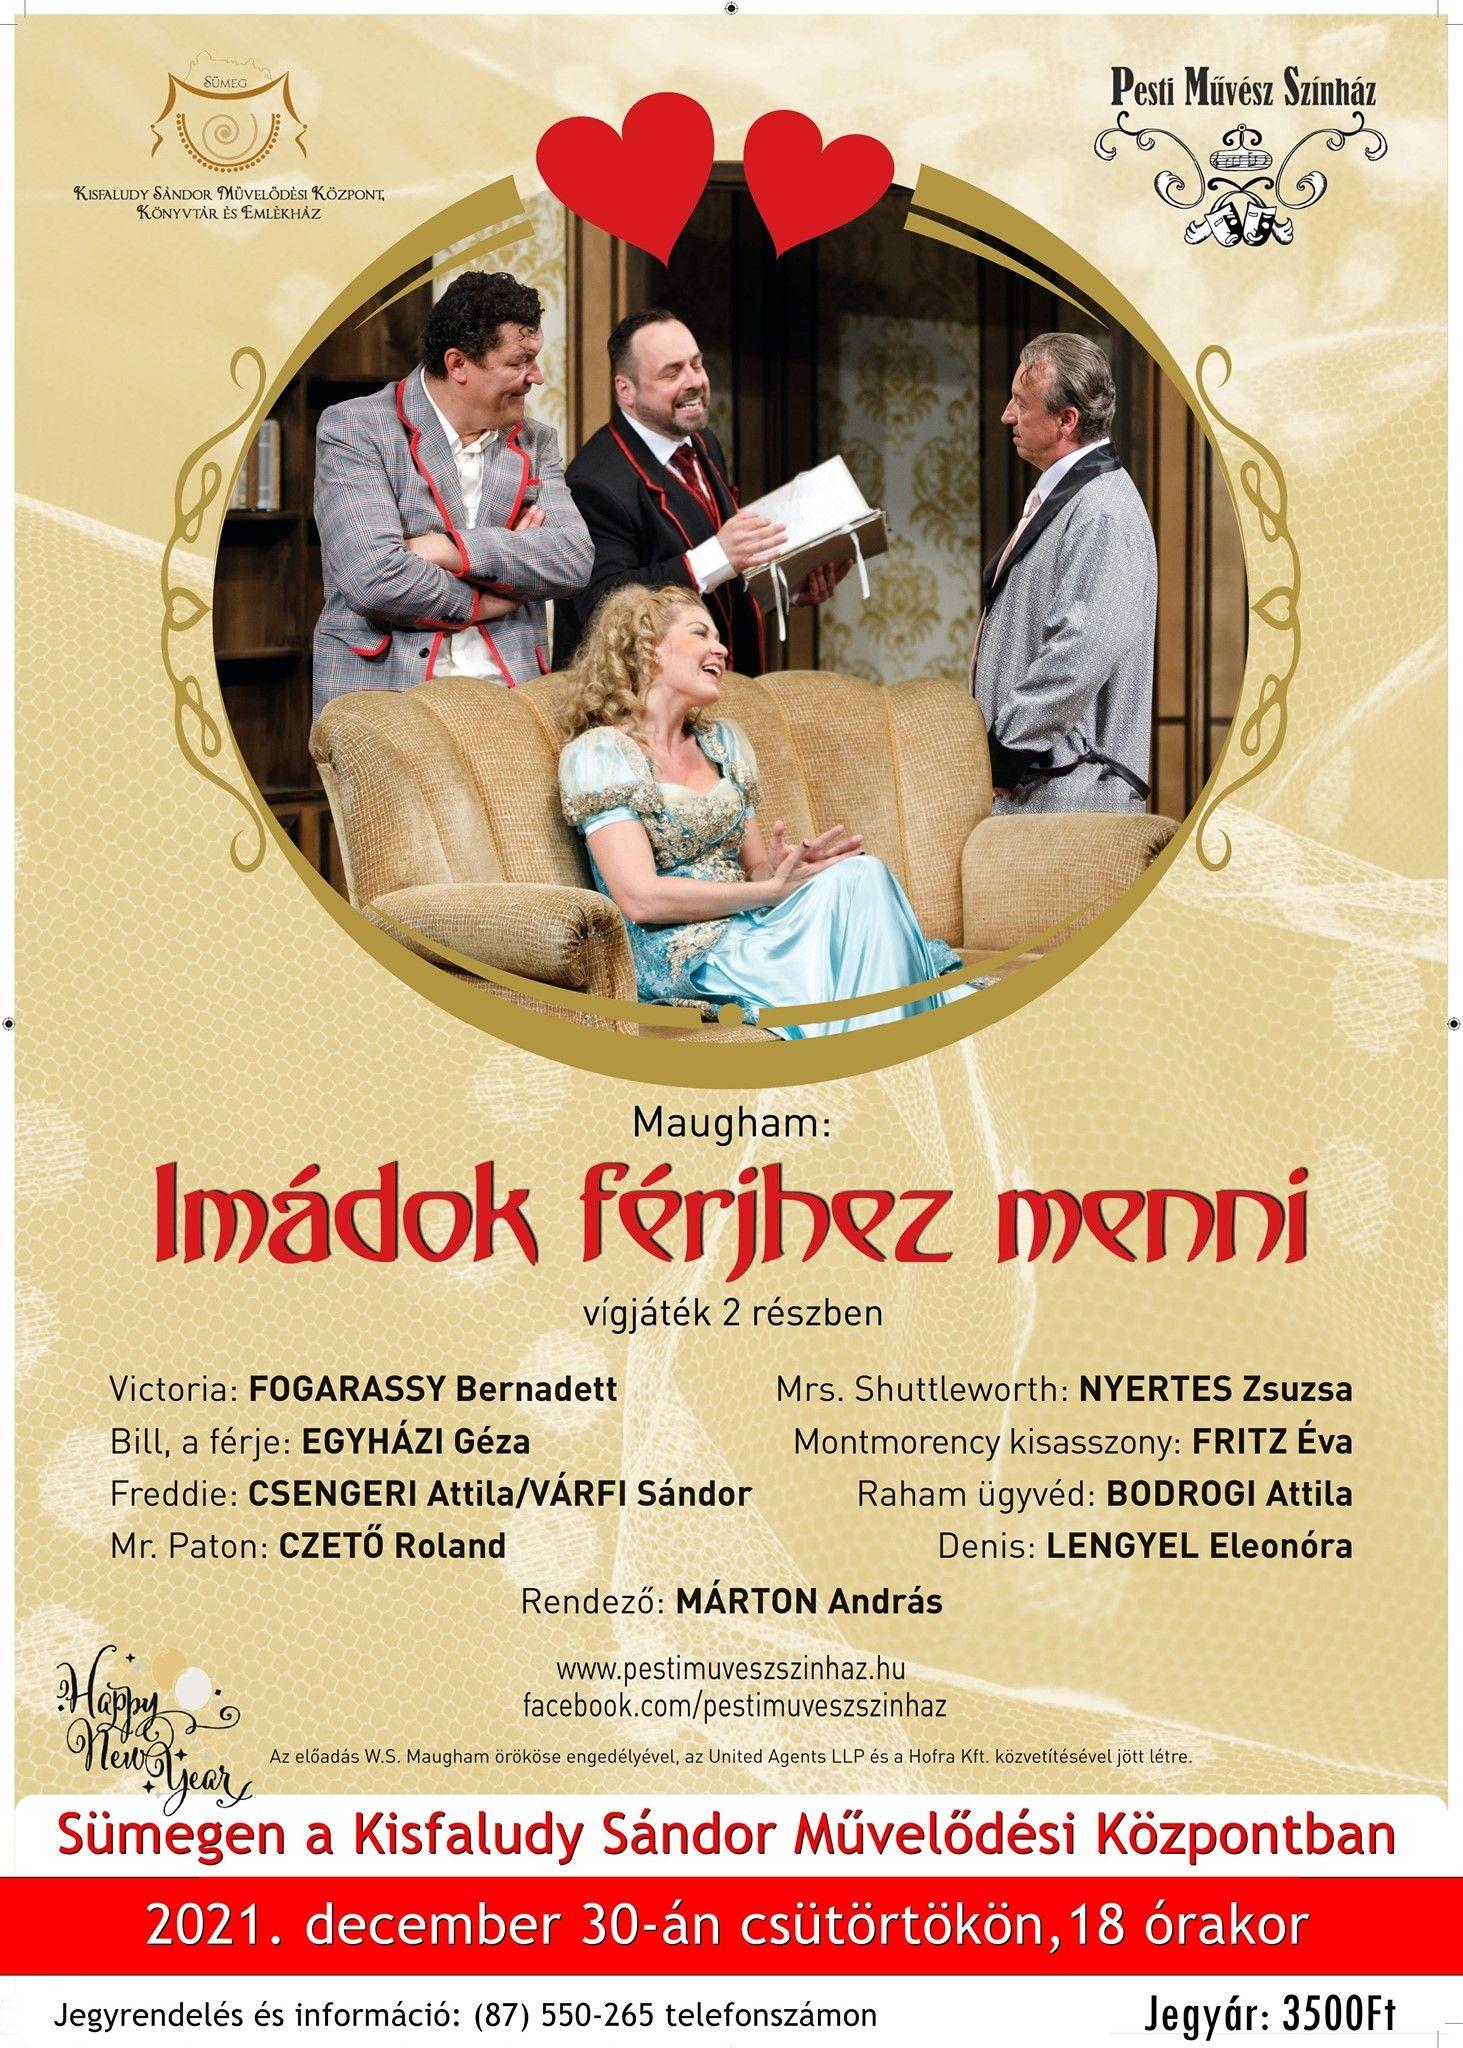 Pesti Művész Színház: Imádok férjhez menni előadása